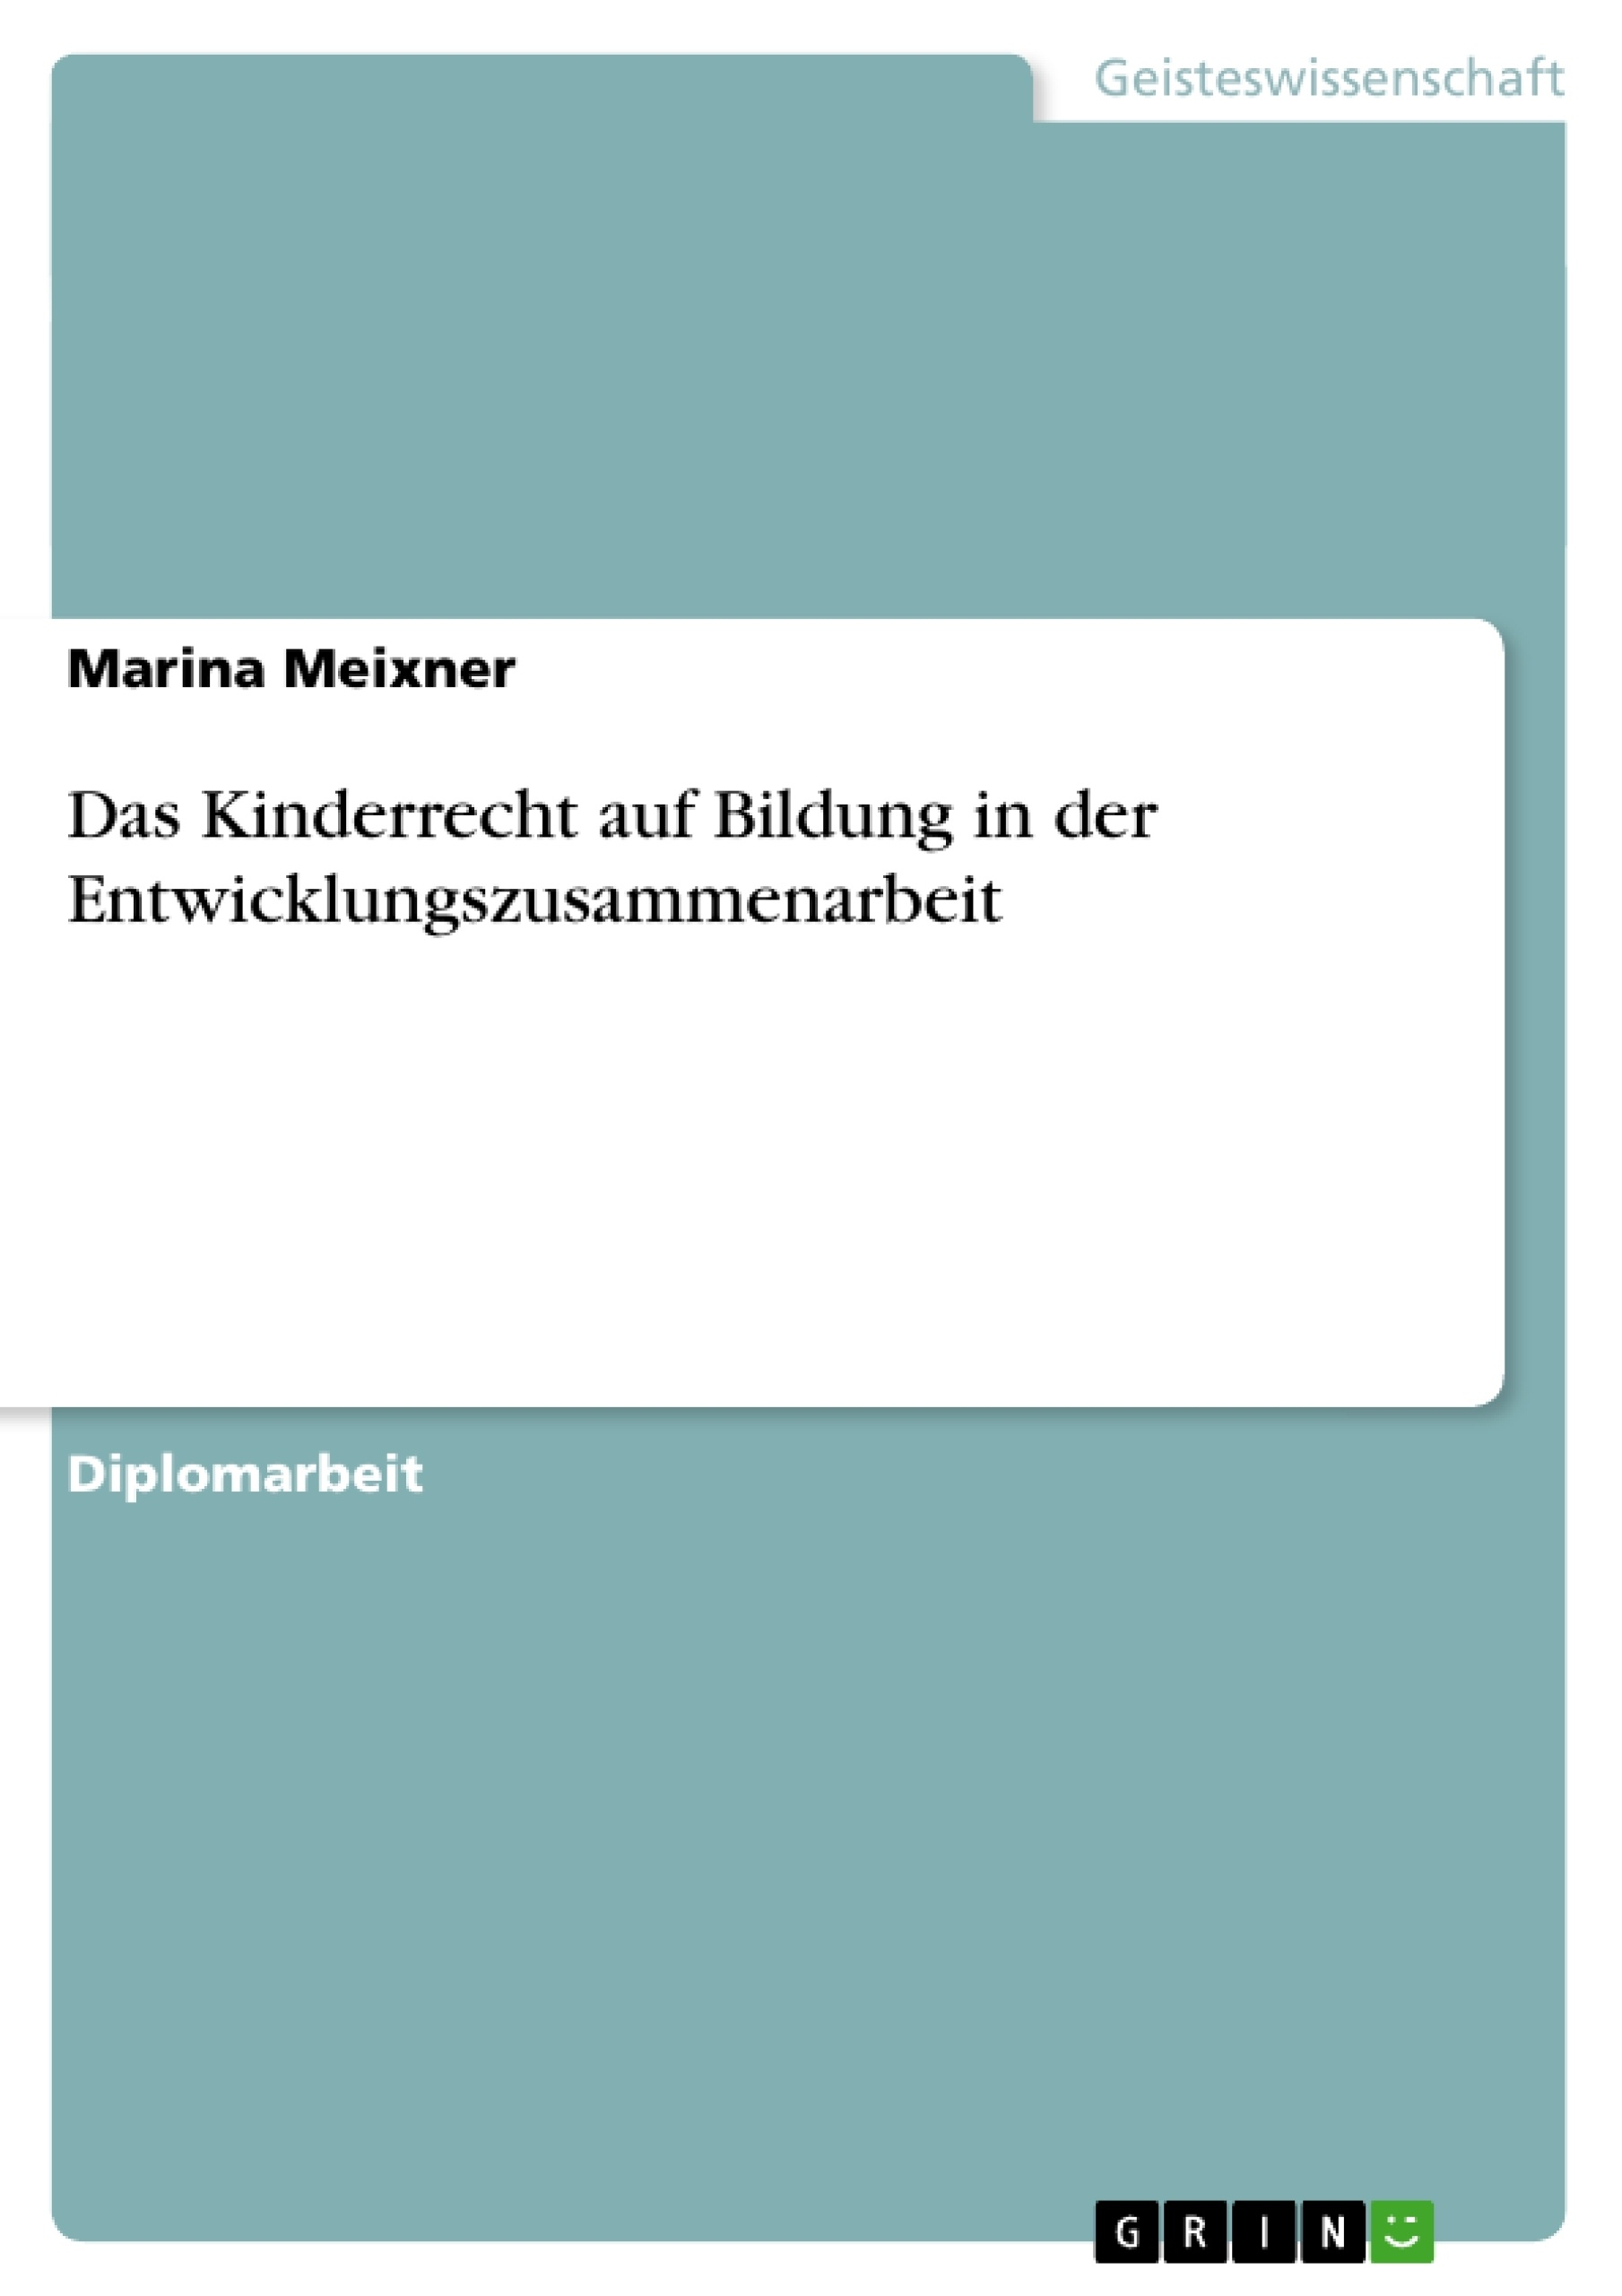 Titel: Das Kinderrecht auf Bildung in der Entwicklungszusammenarbeit